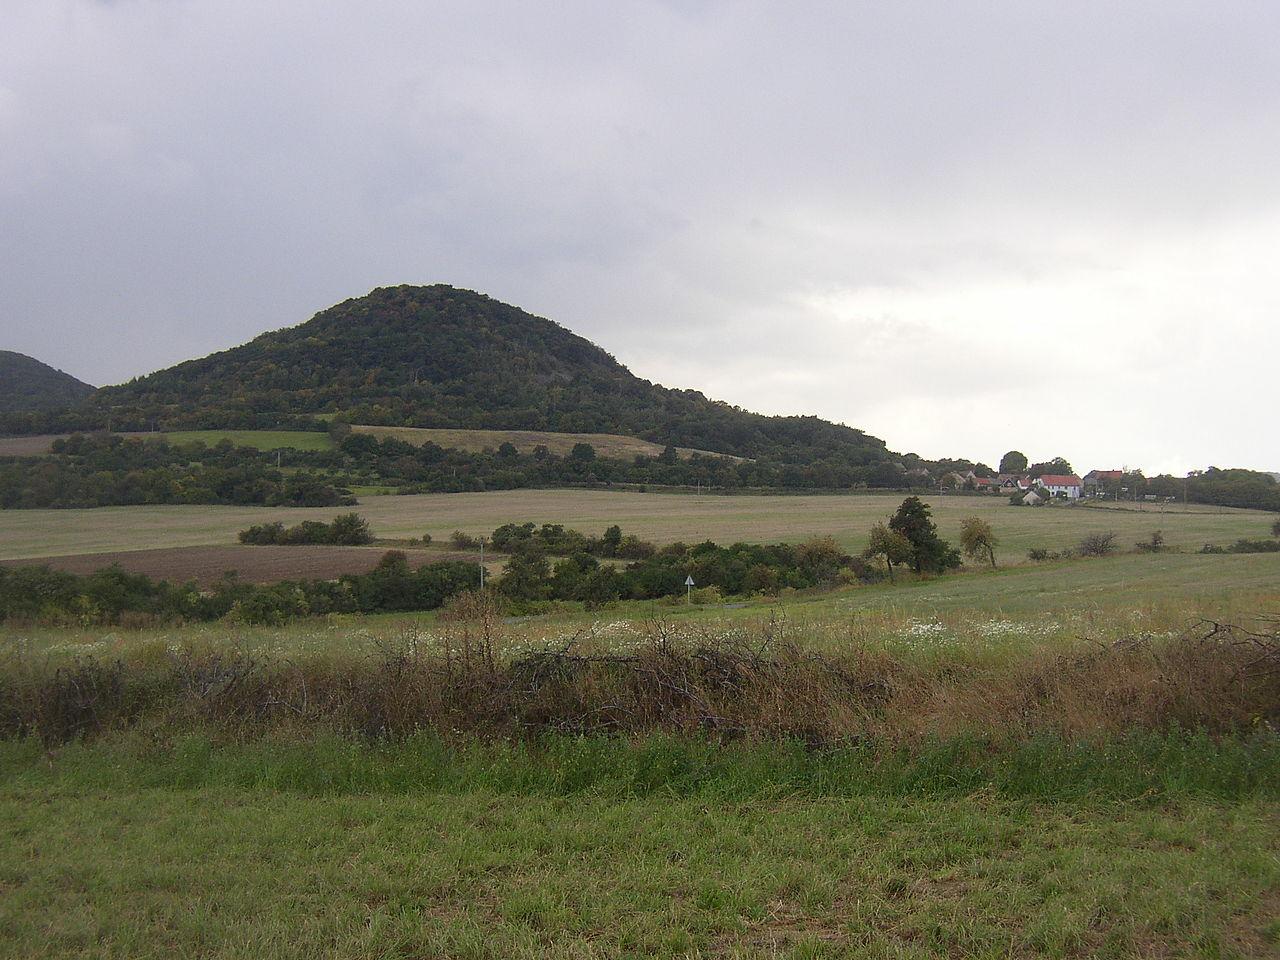 Pohled naBoreč odvýchodo-severovýchodu. Vpravo naúbočí hory osada Režný Újezd.